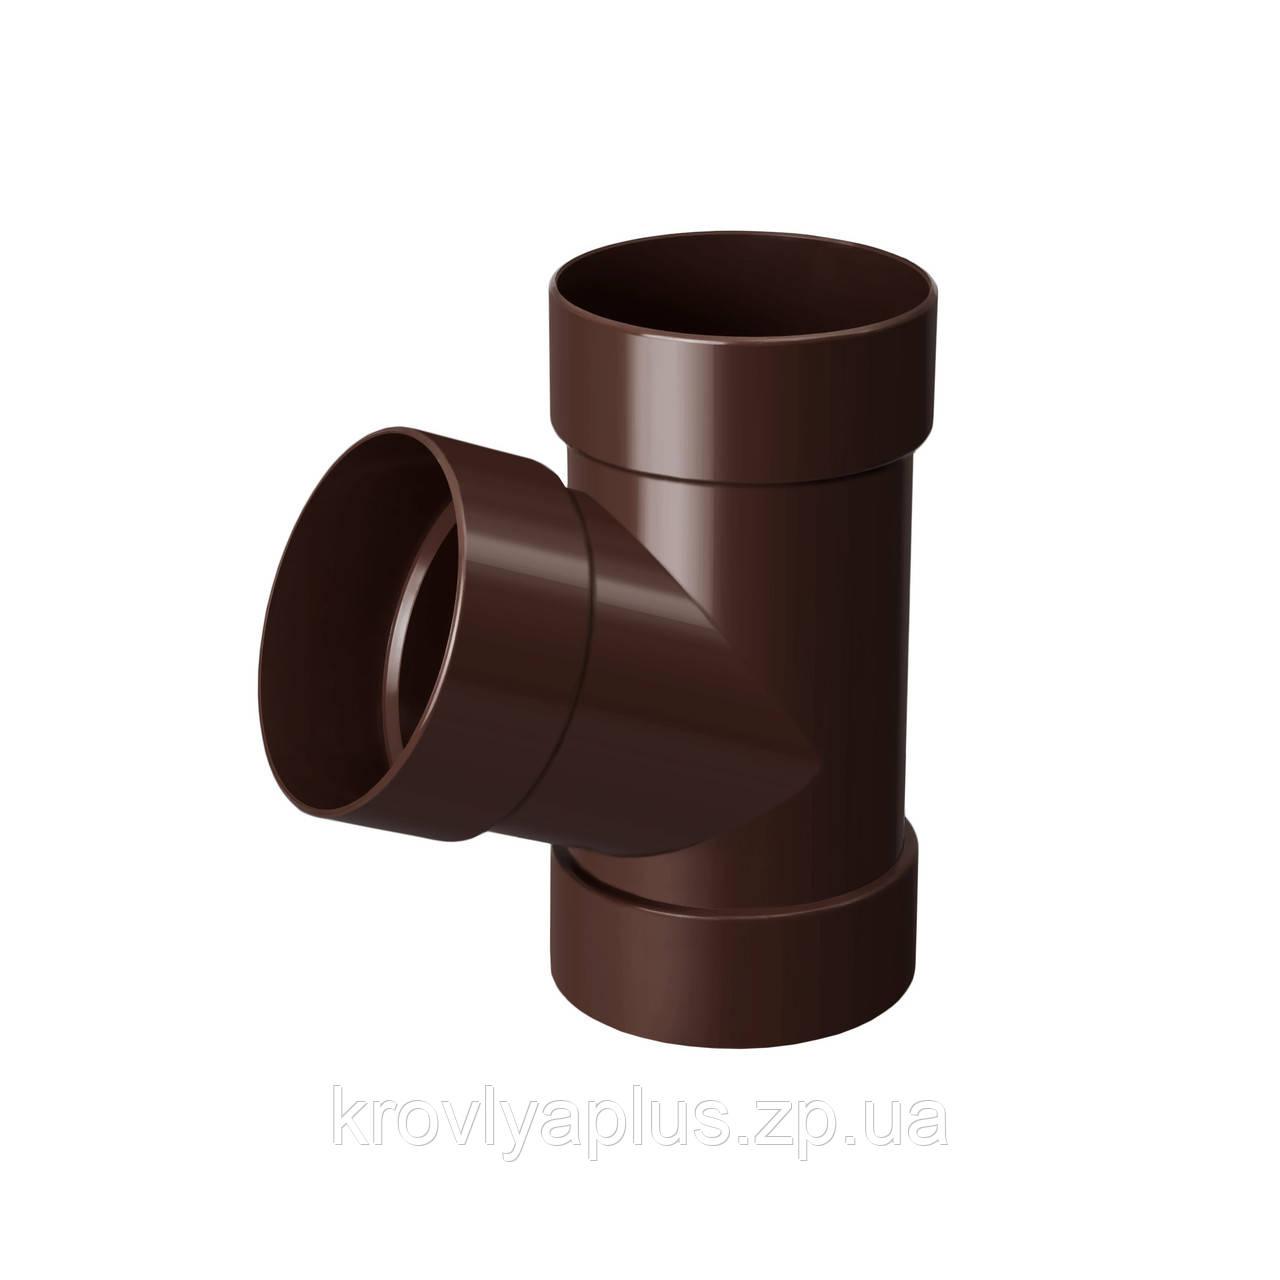 Тройник трубы 67° Ø100 (Rainway, Украина), коричневый.